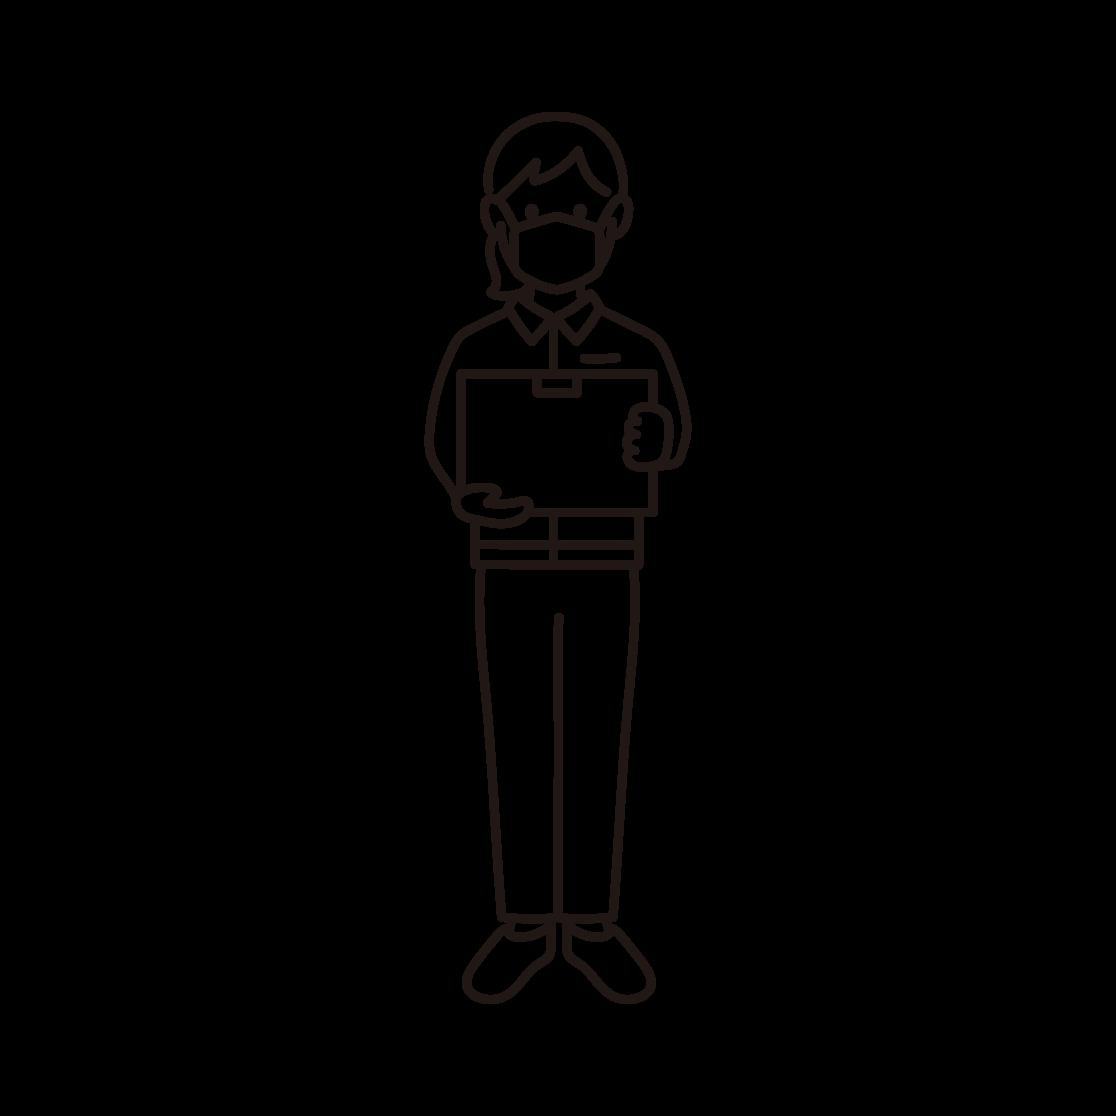 マスクを付けた女性の配達員の線画イラスト